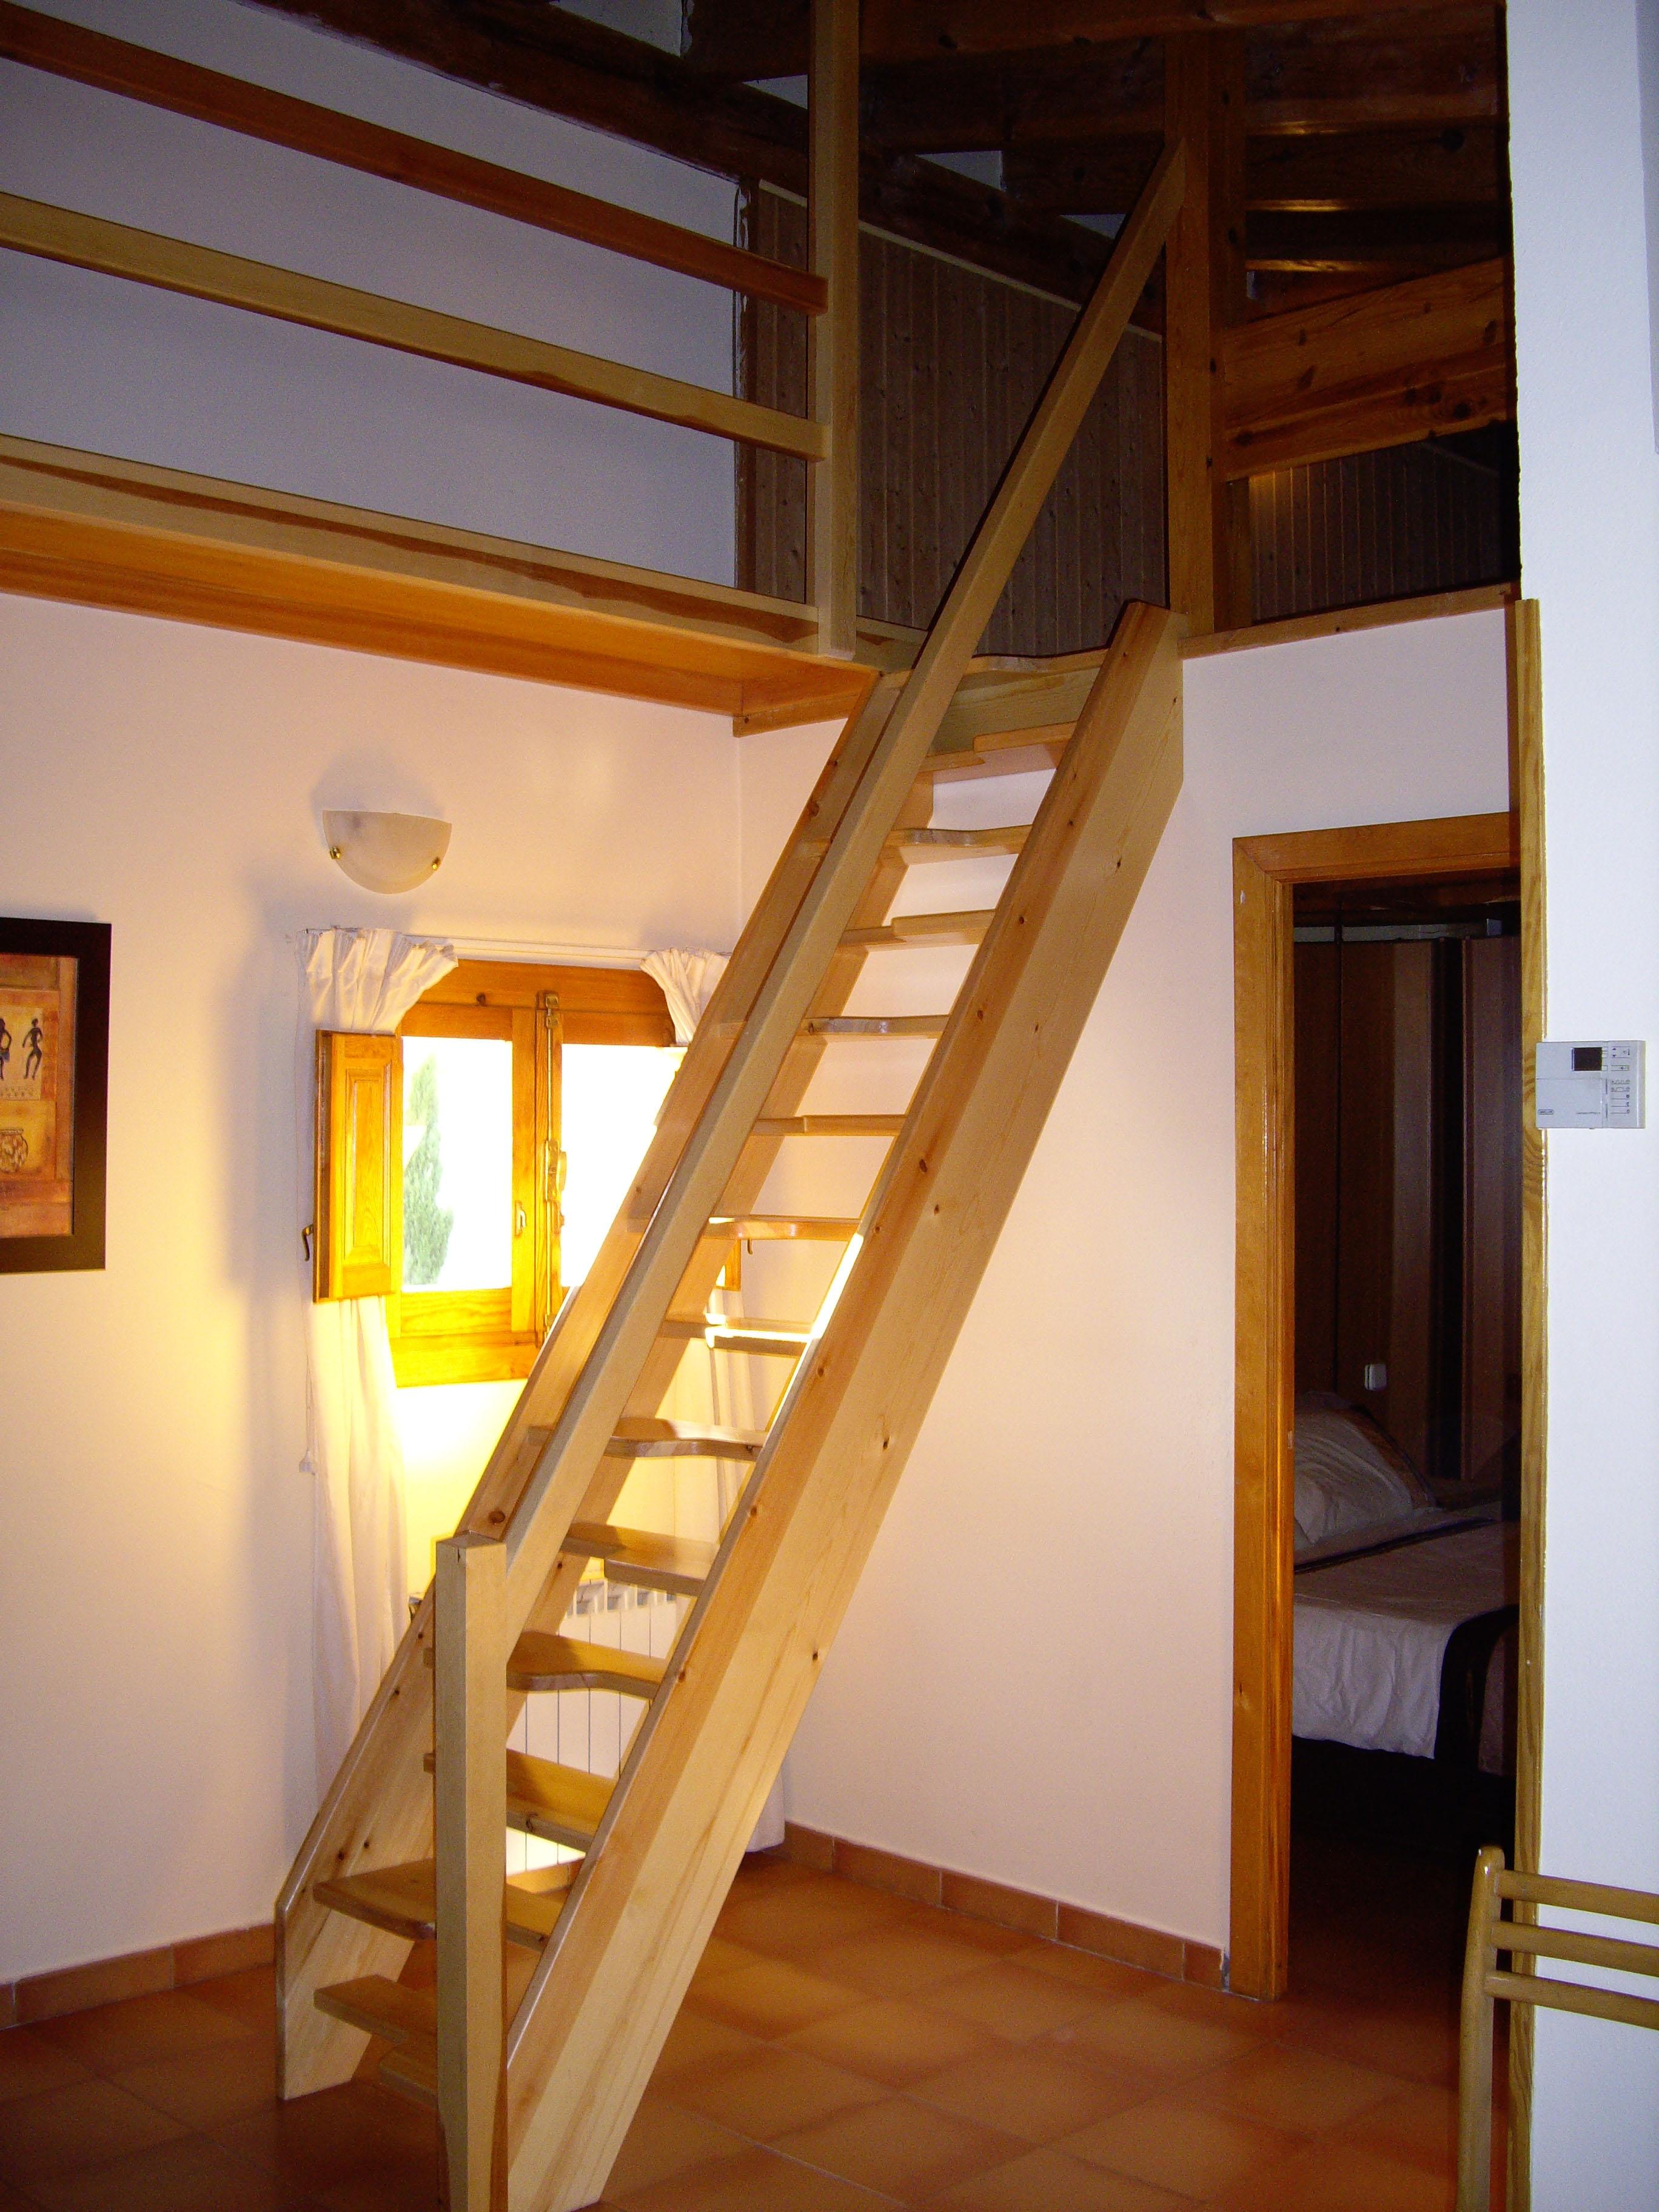 Escaleras En Espacios Reducidos Escalera De Caracol Escaleras De  ~ Escaleras Prefabricadas De Madera